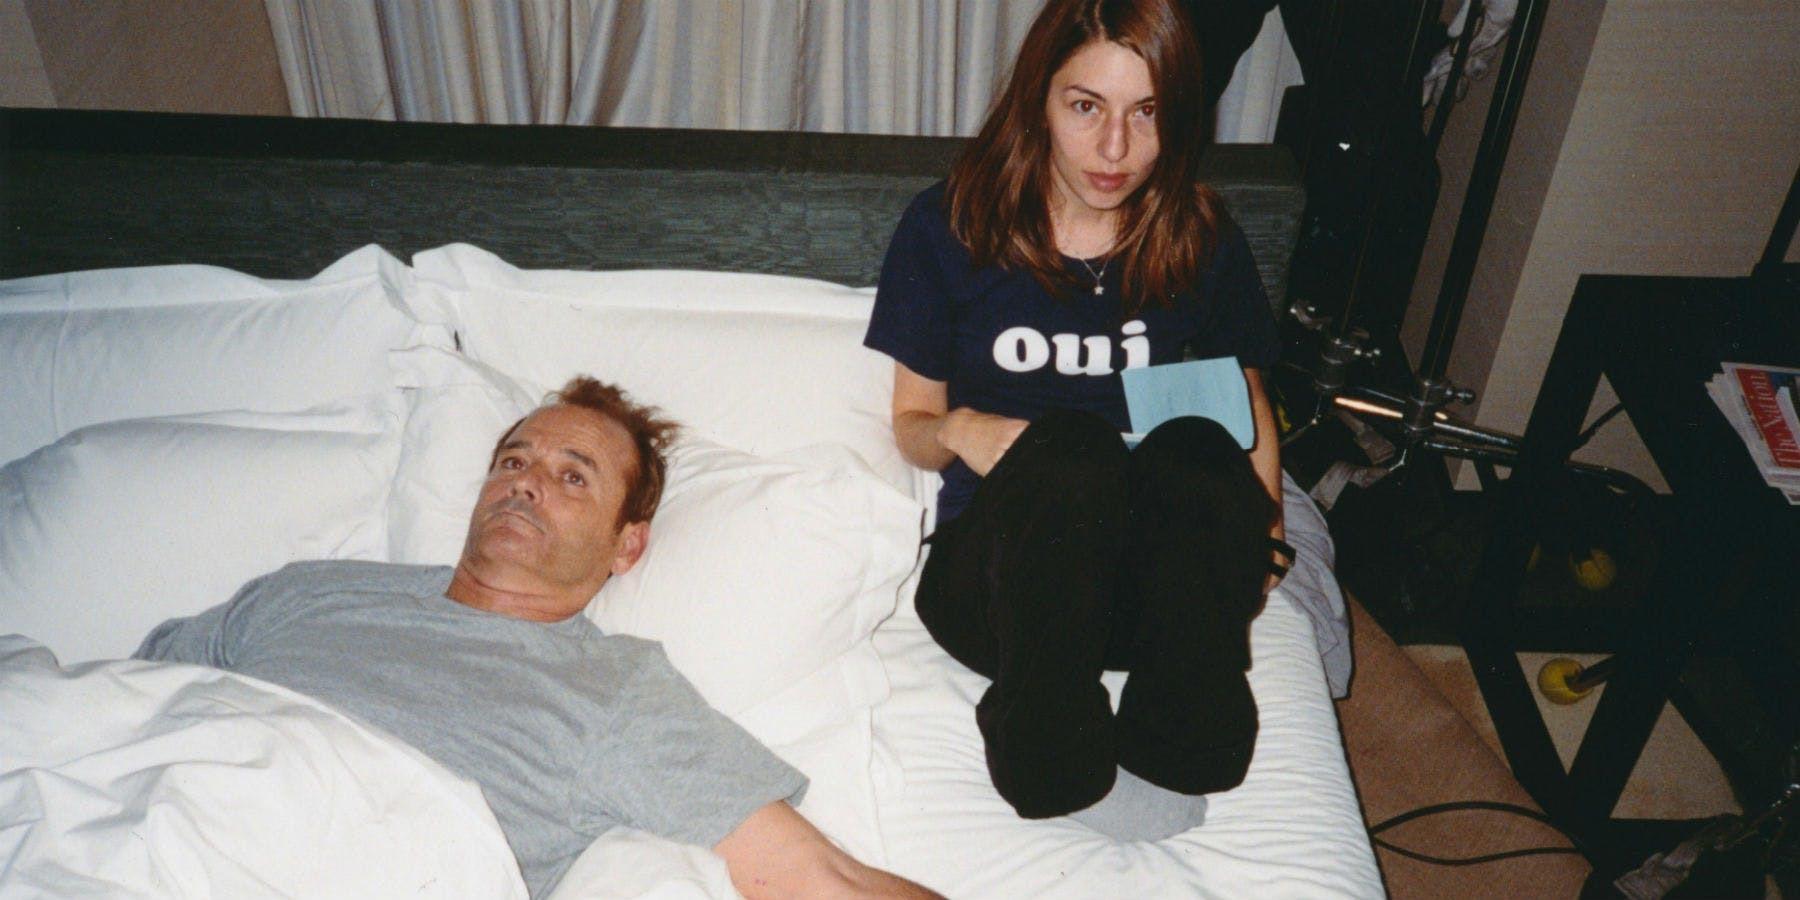 """Sofia Coppola y Bill Murray en el set de rodaje de """"Lost in translation"""" (2002)."""